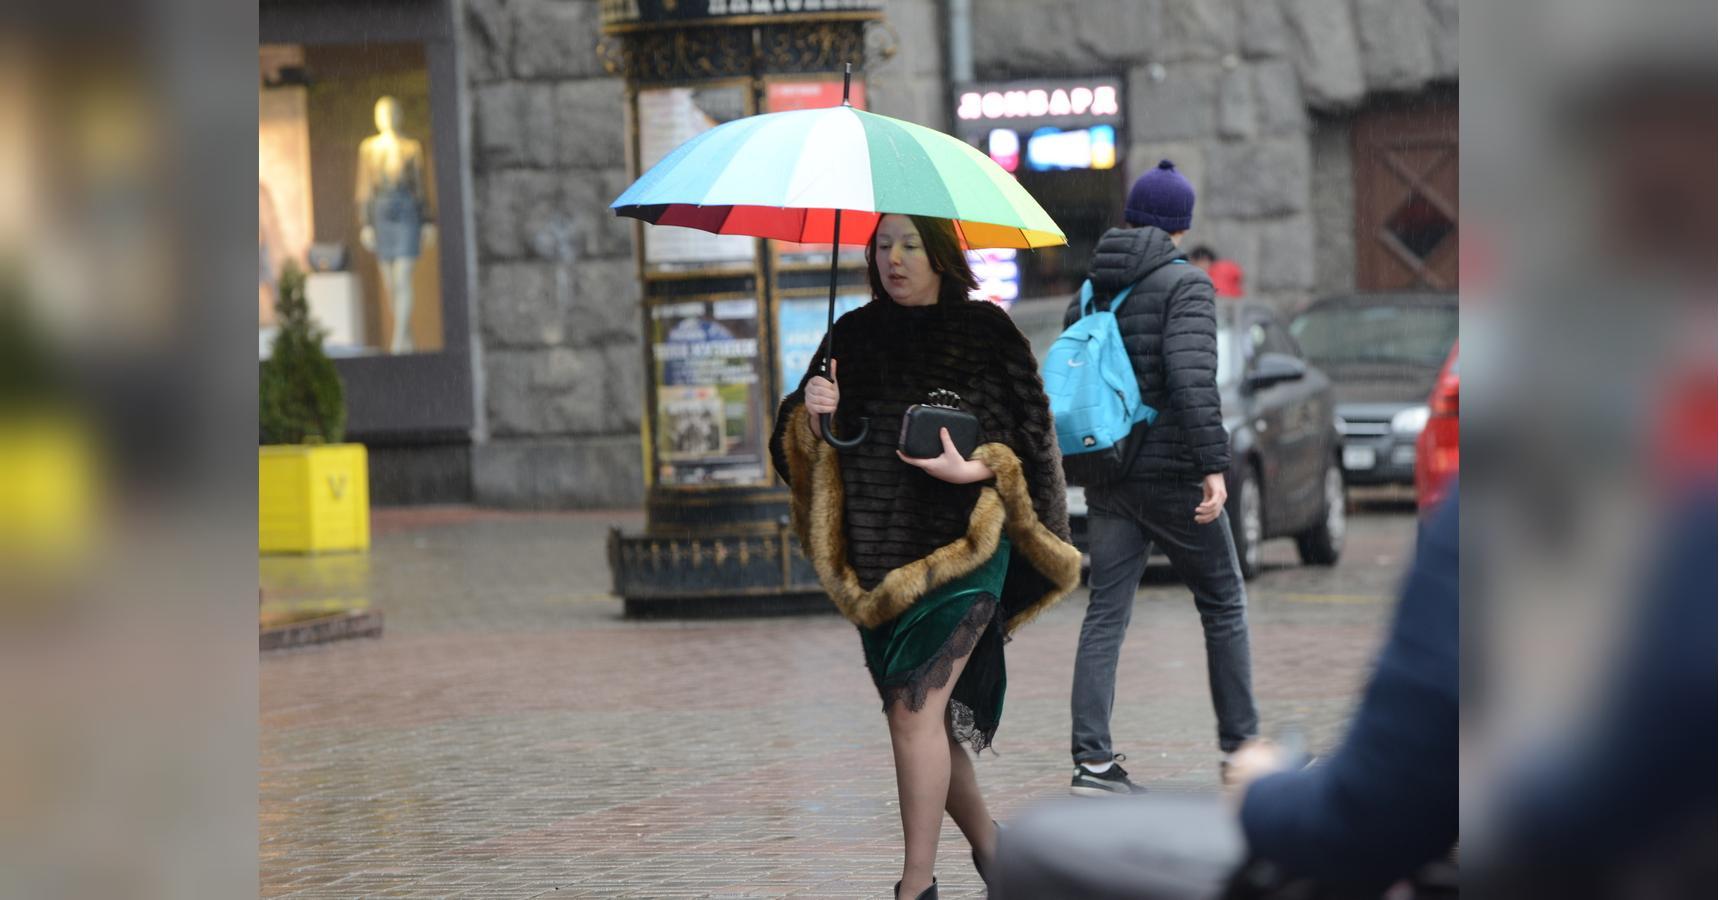 Дожди и прохлада: синоптики рассказали о погоде в Украине до конца мая